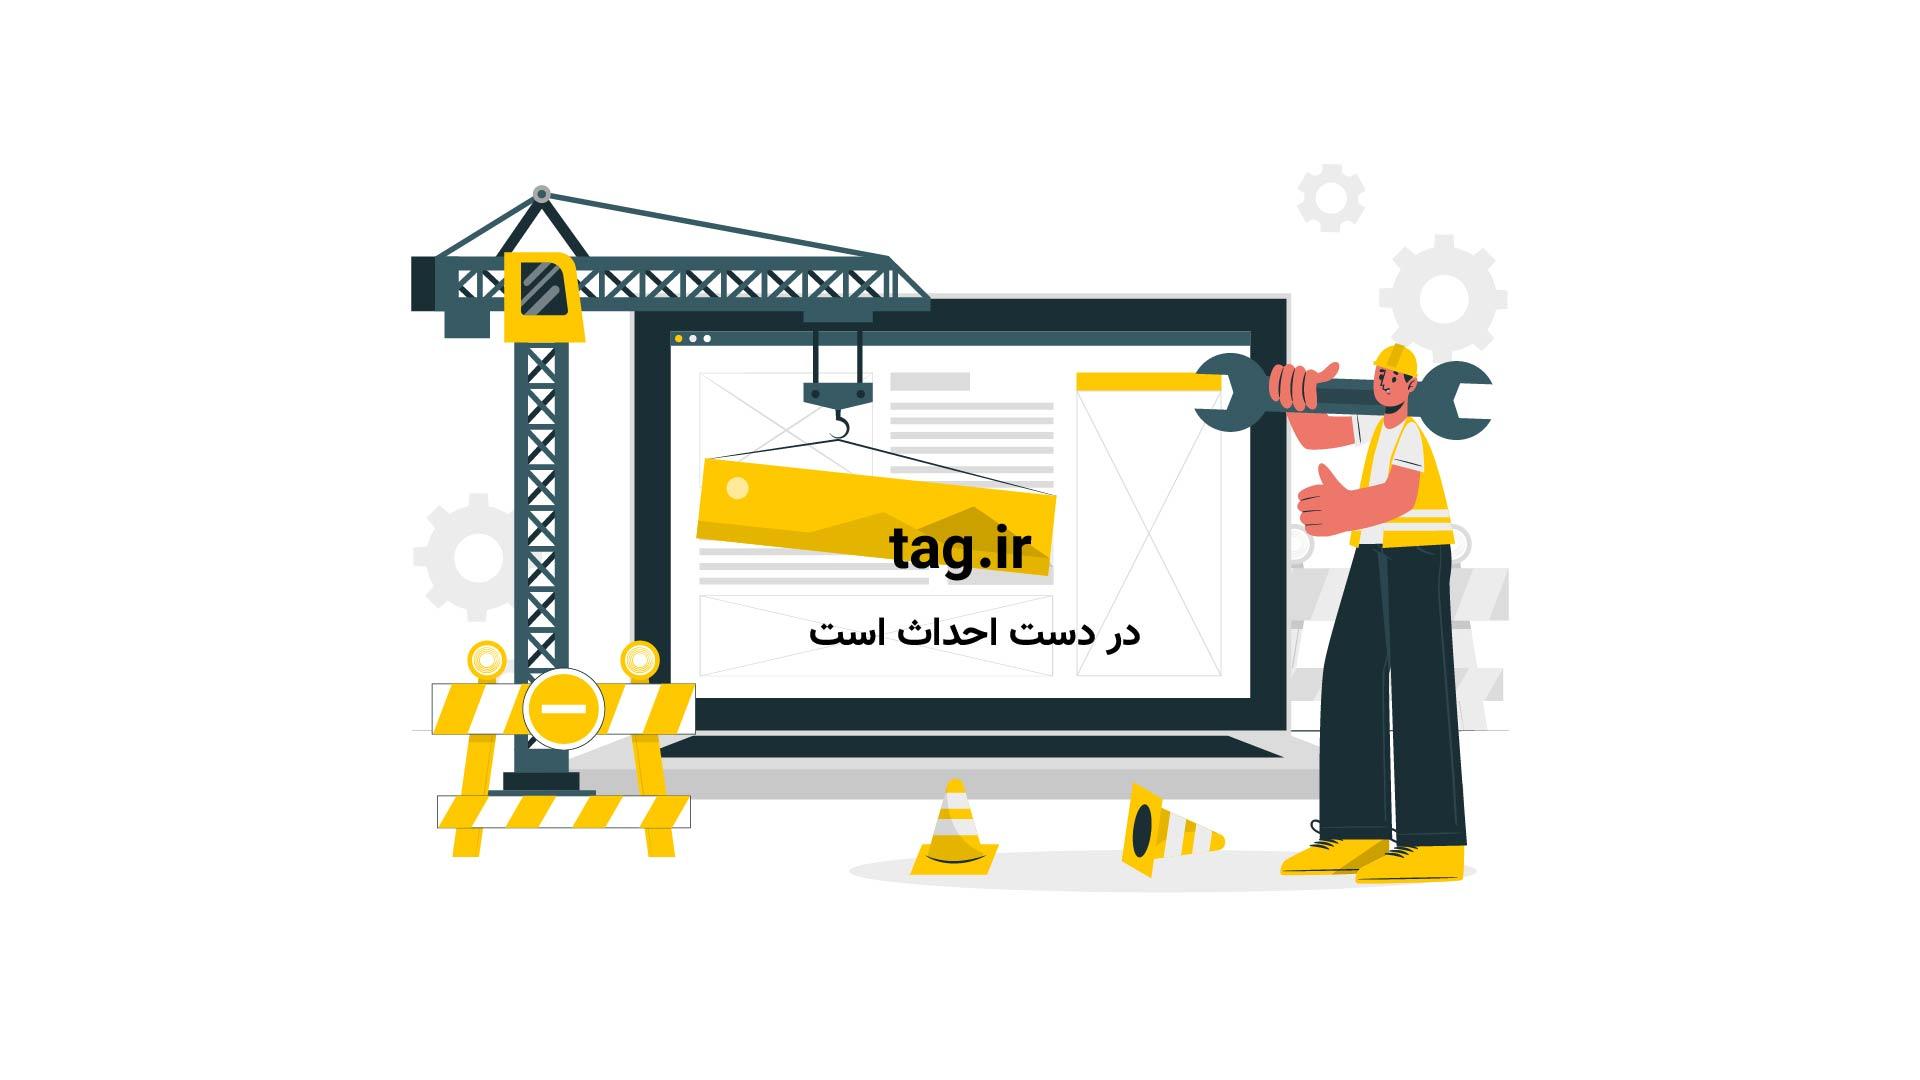 ساعتی جالب در فرودگاه شیفول آمستردام|تگ